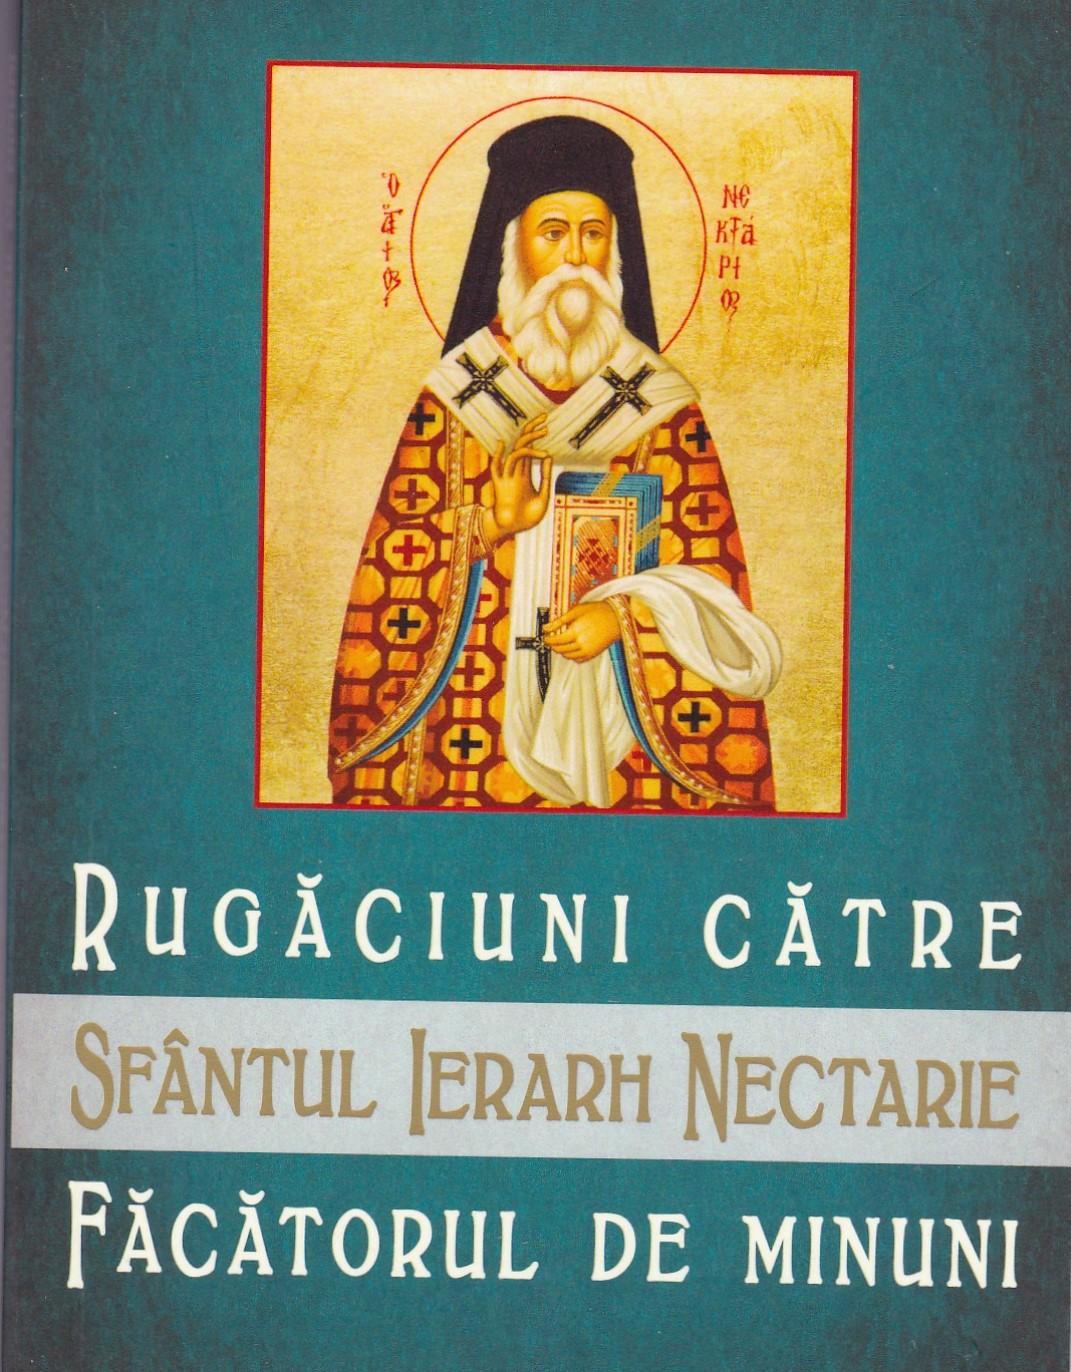 Rugăciuni către Sfântul Ierarh Nectarie făcătorul de minuni